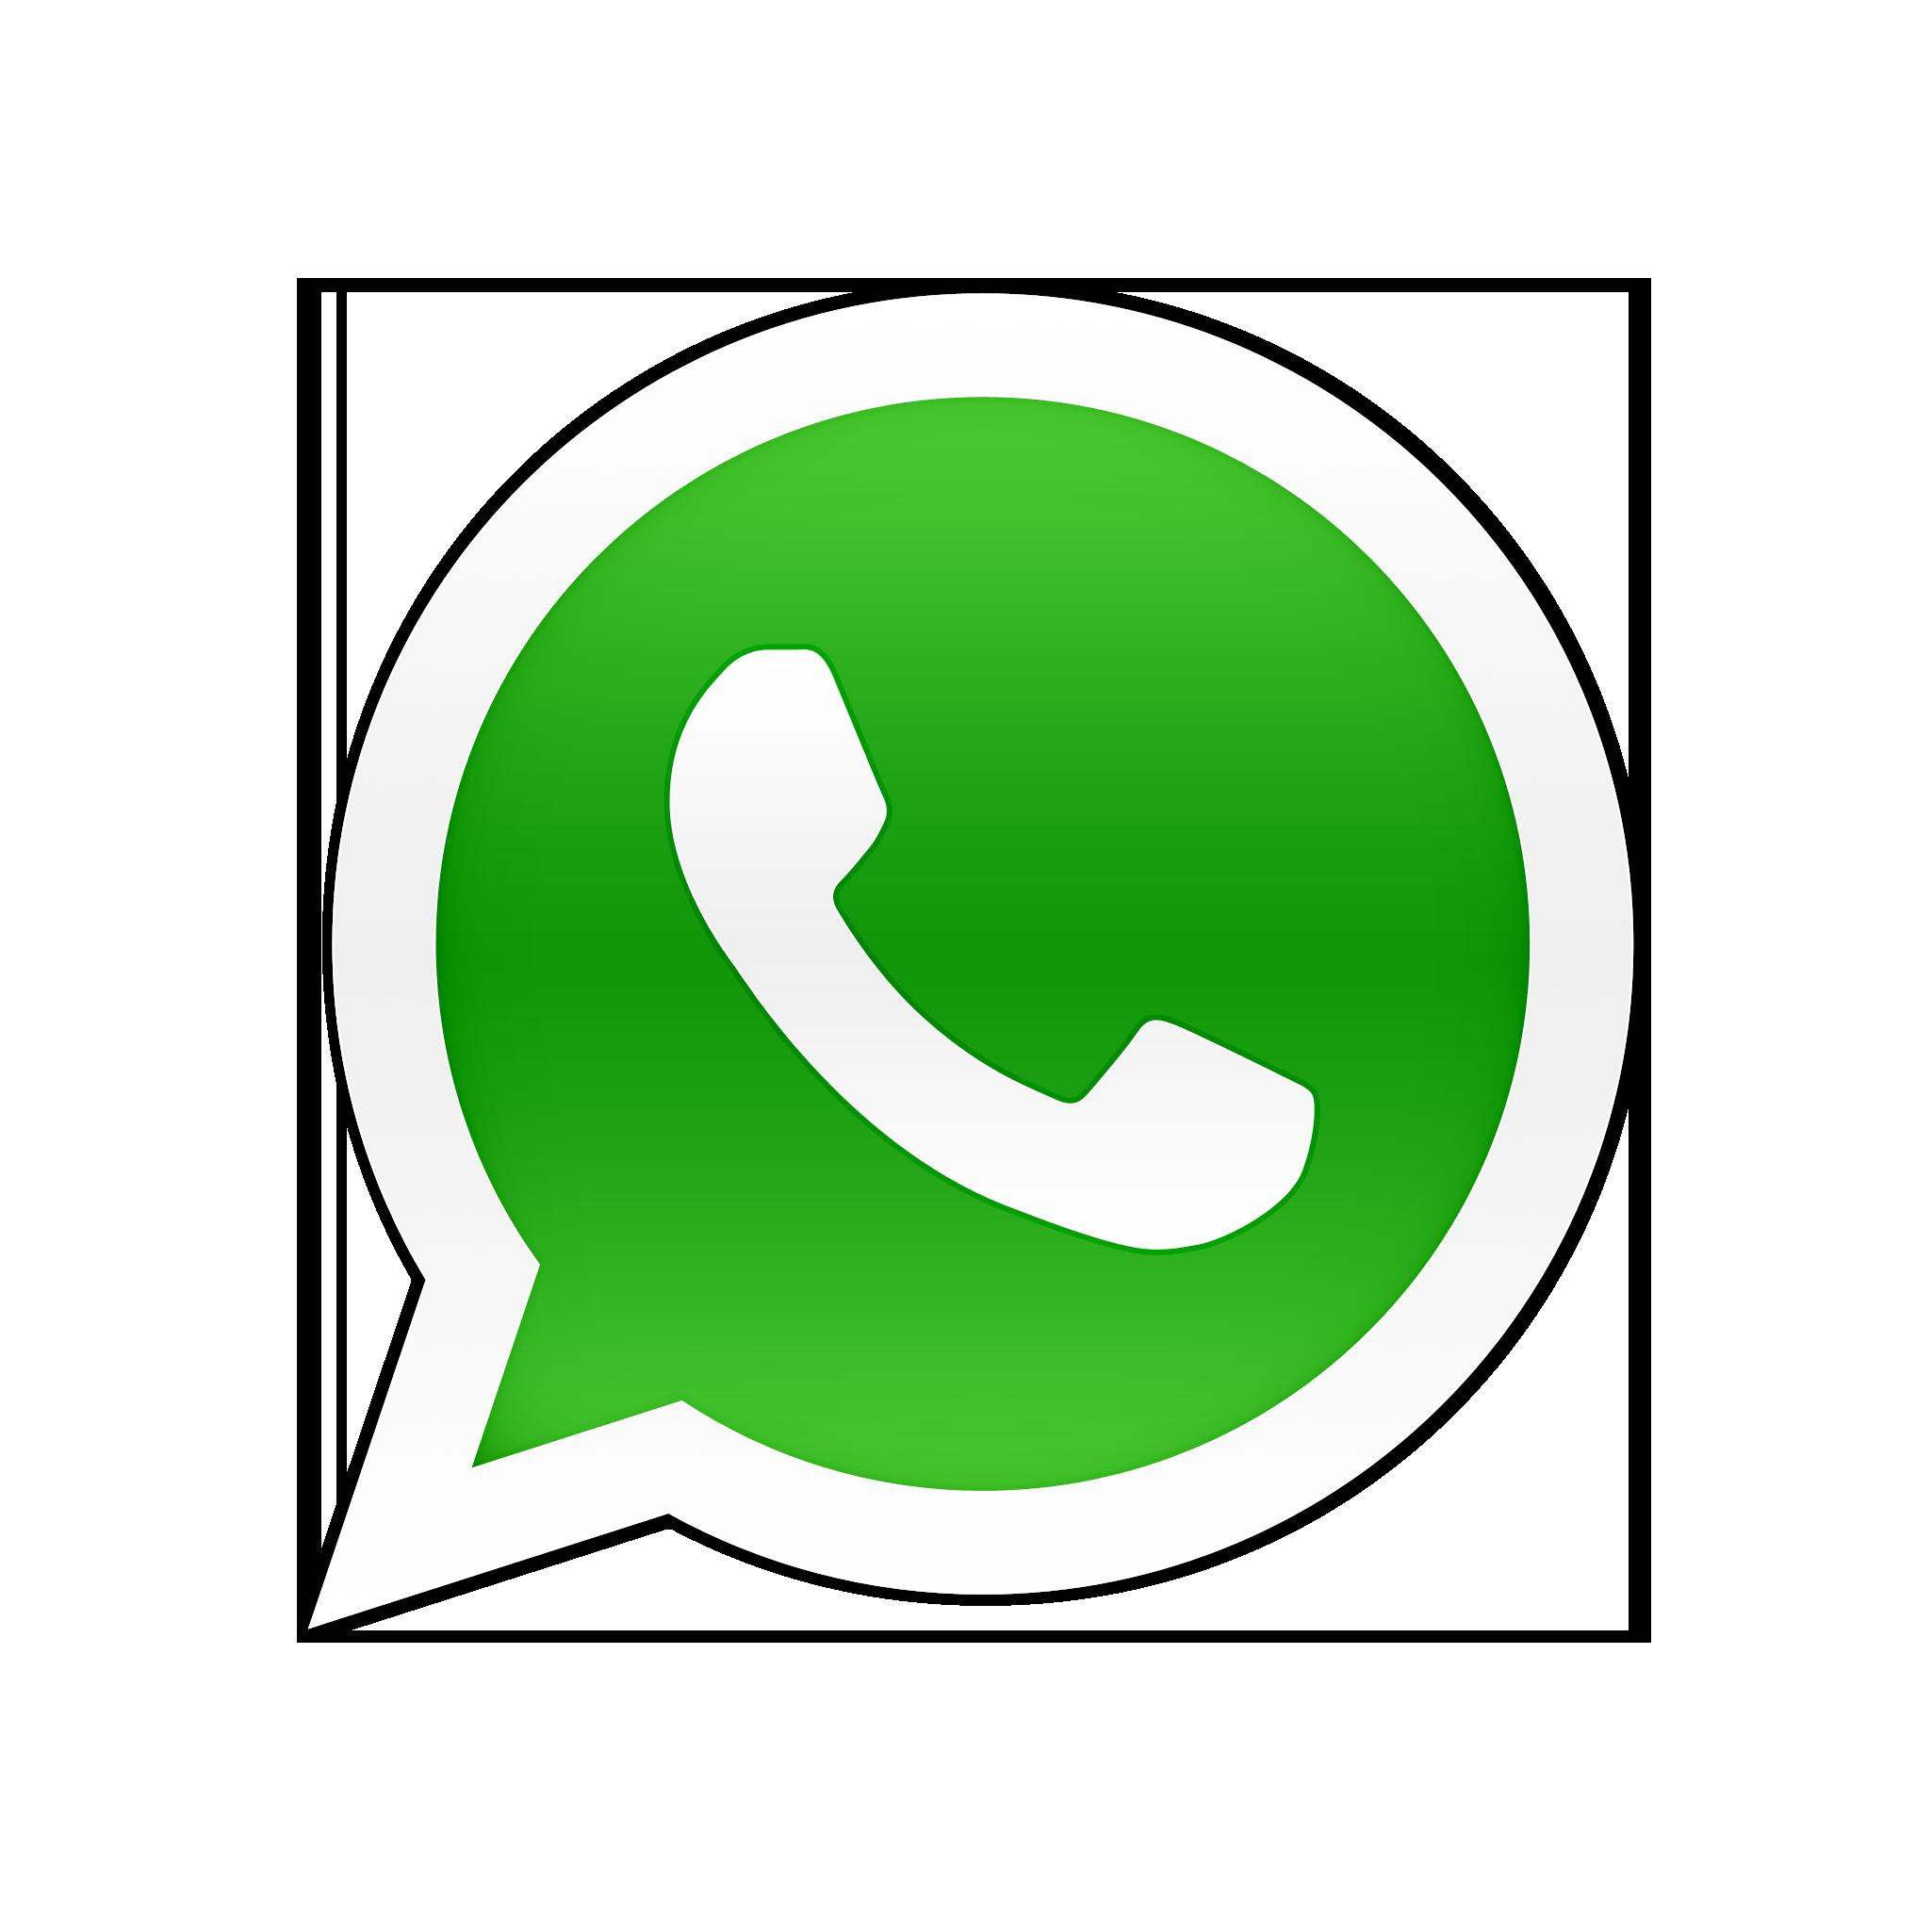 Resultado de imagen de icono whatsapp sin fondo